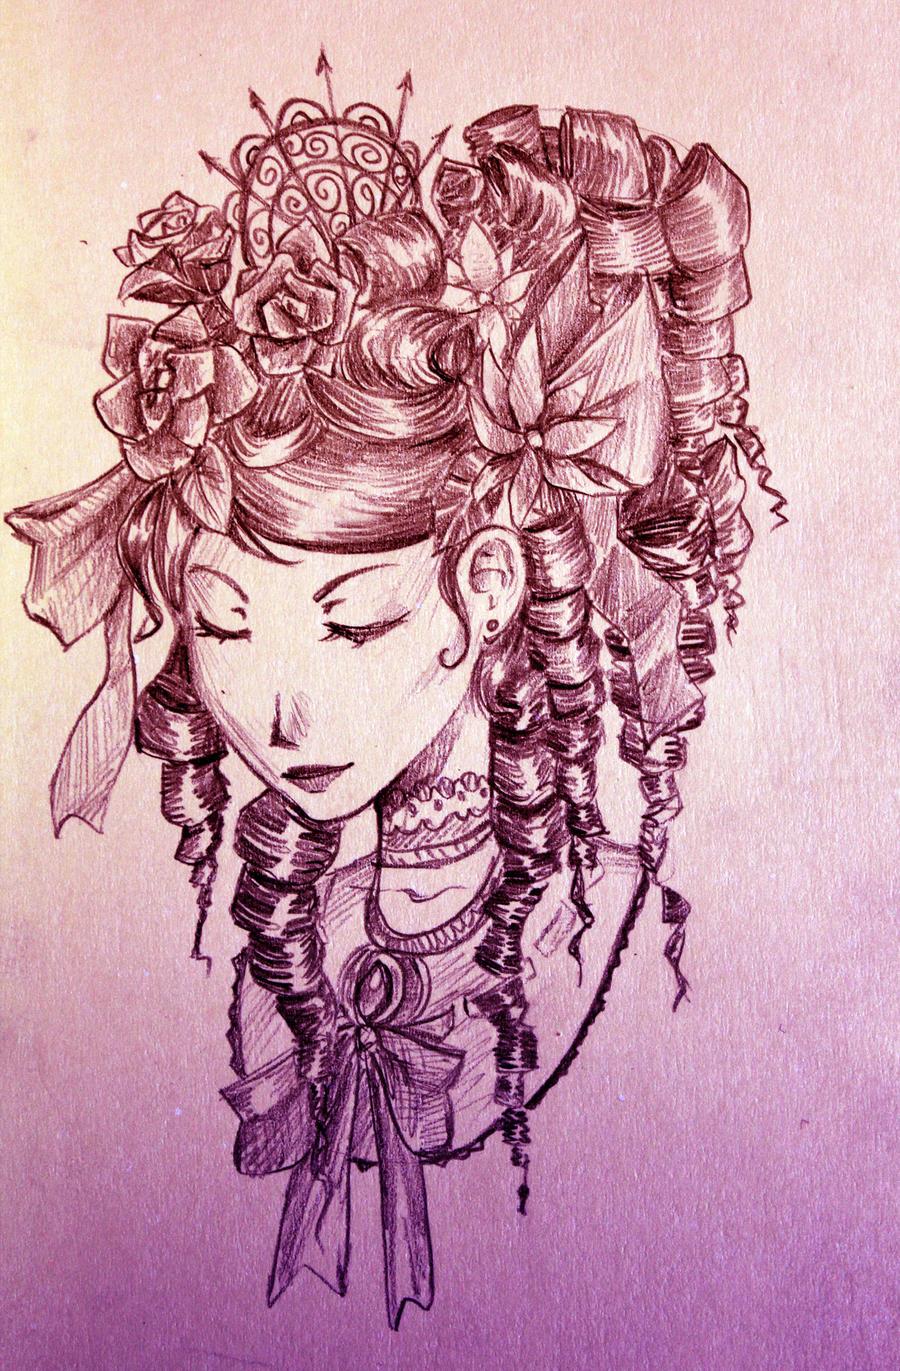 Lady by gehirnkaefer